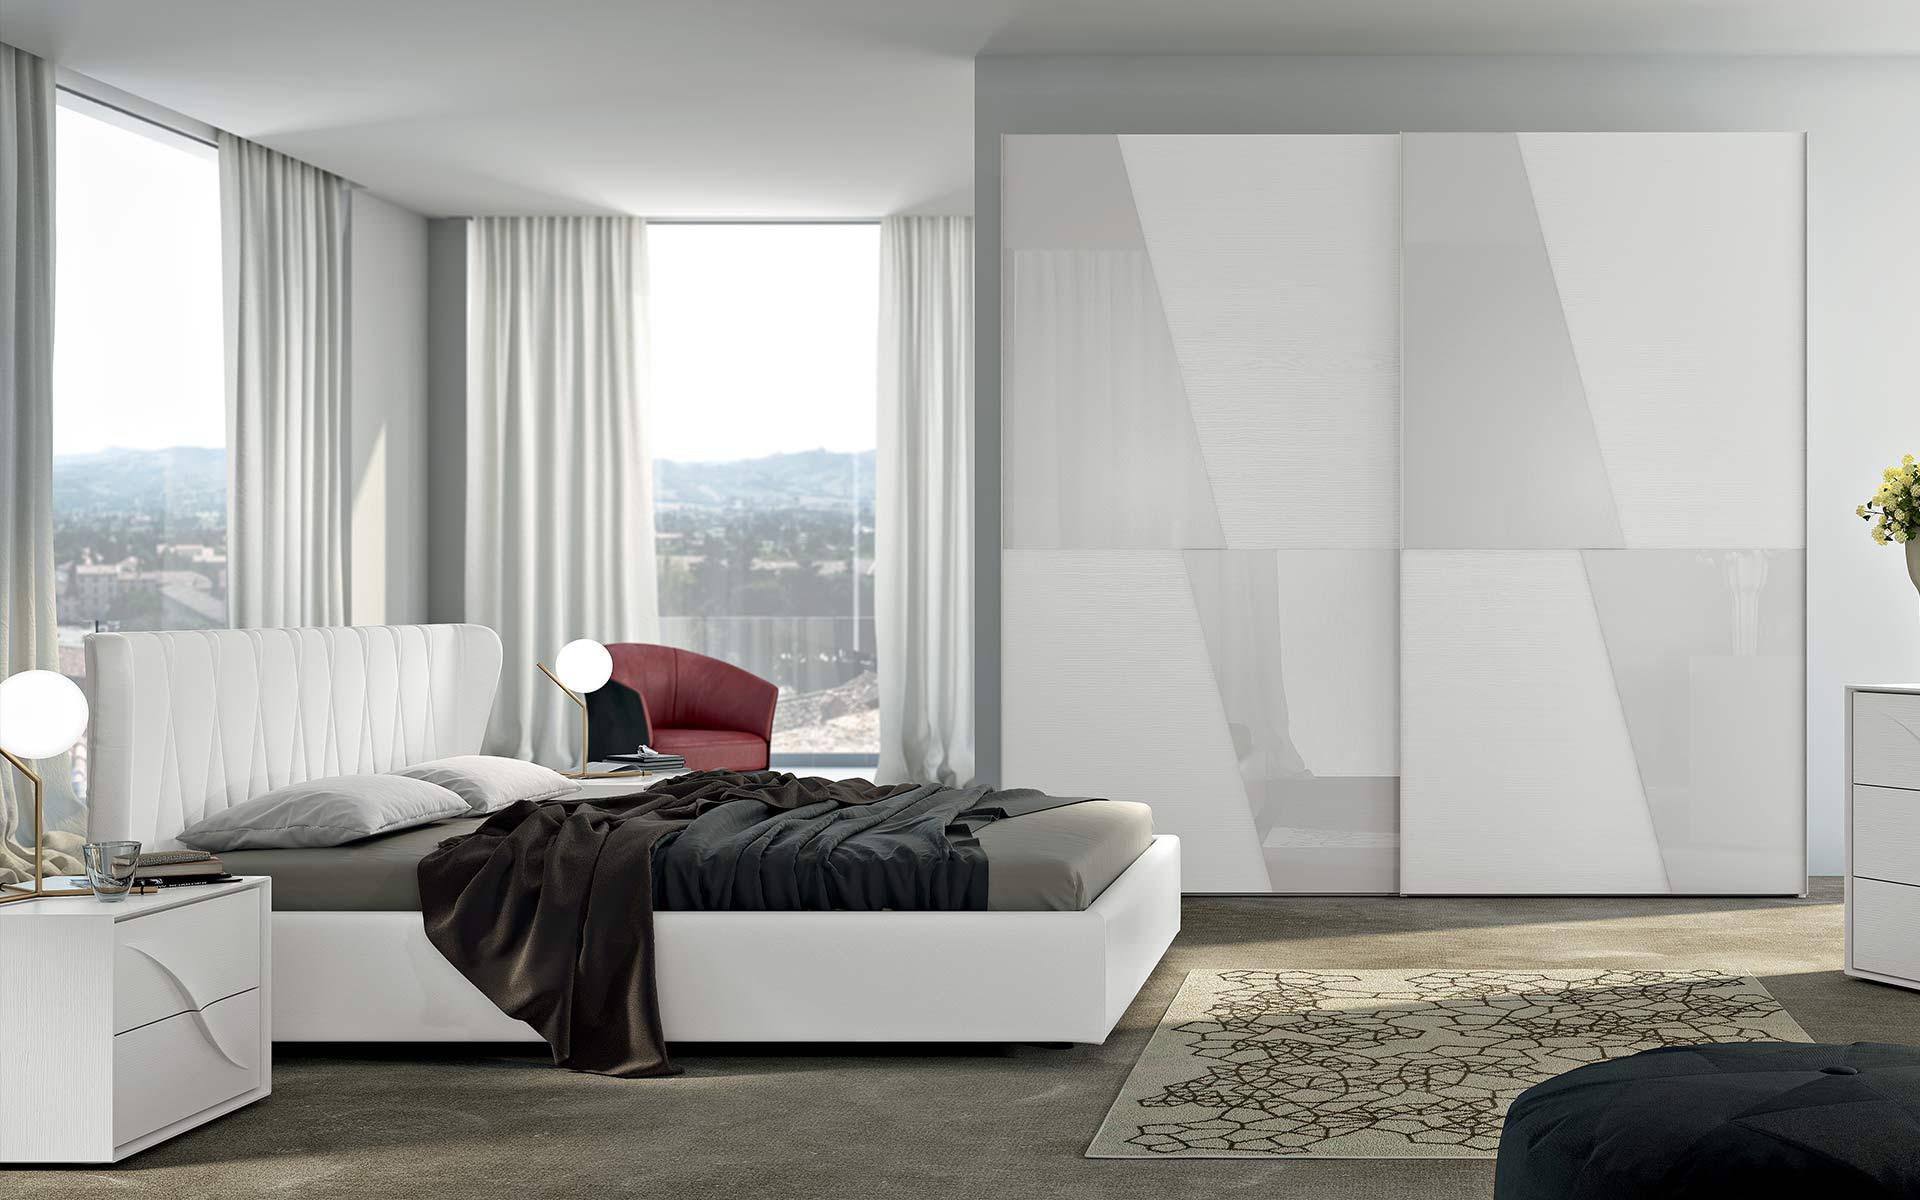 Cucine componibili e arredamento per la casa spar - Camera letto spar ...